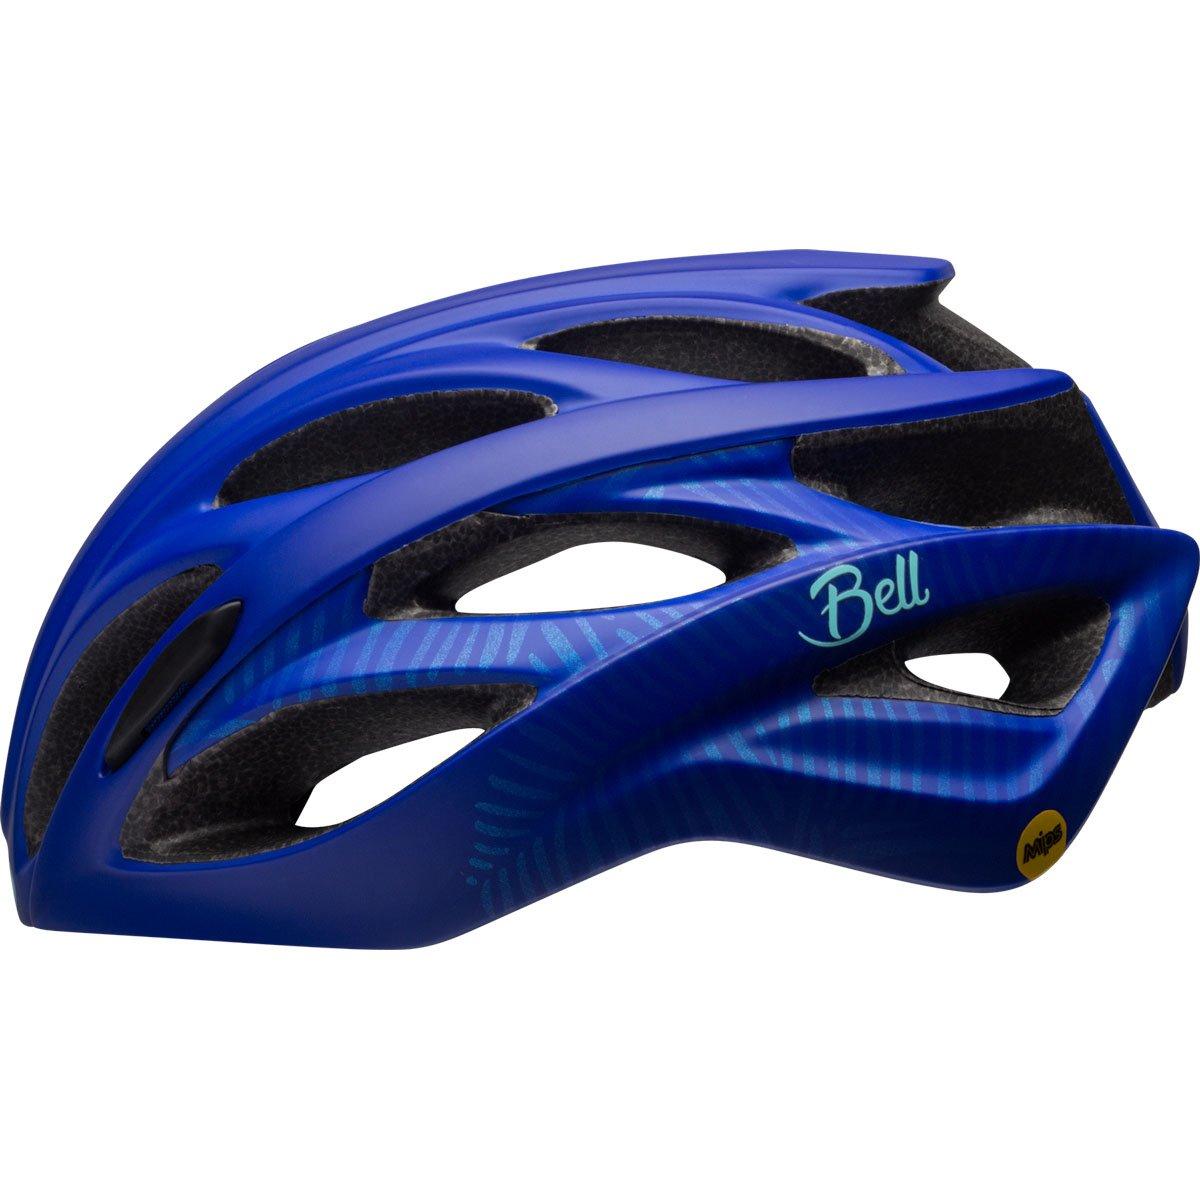 Bell Endeavor MIPS Cycling Helmet